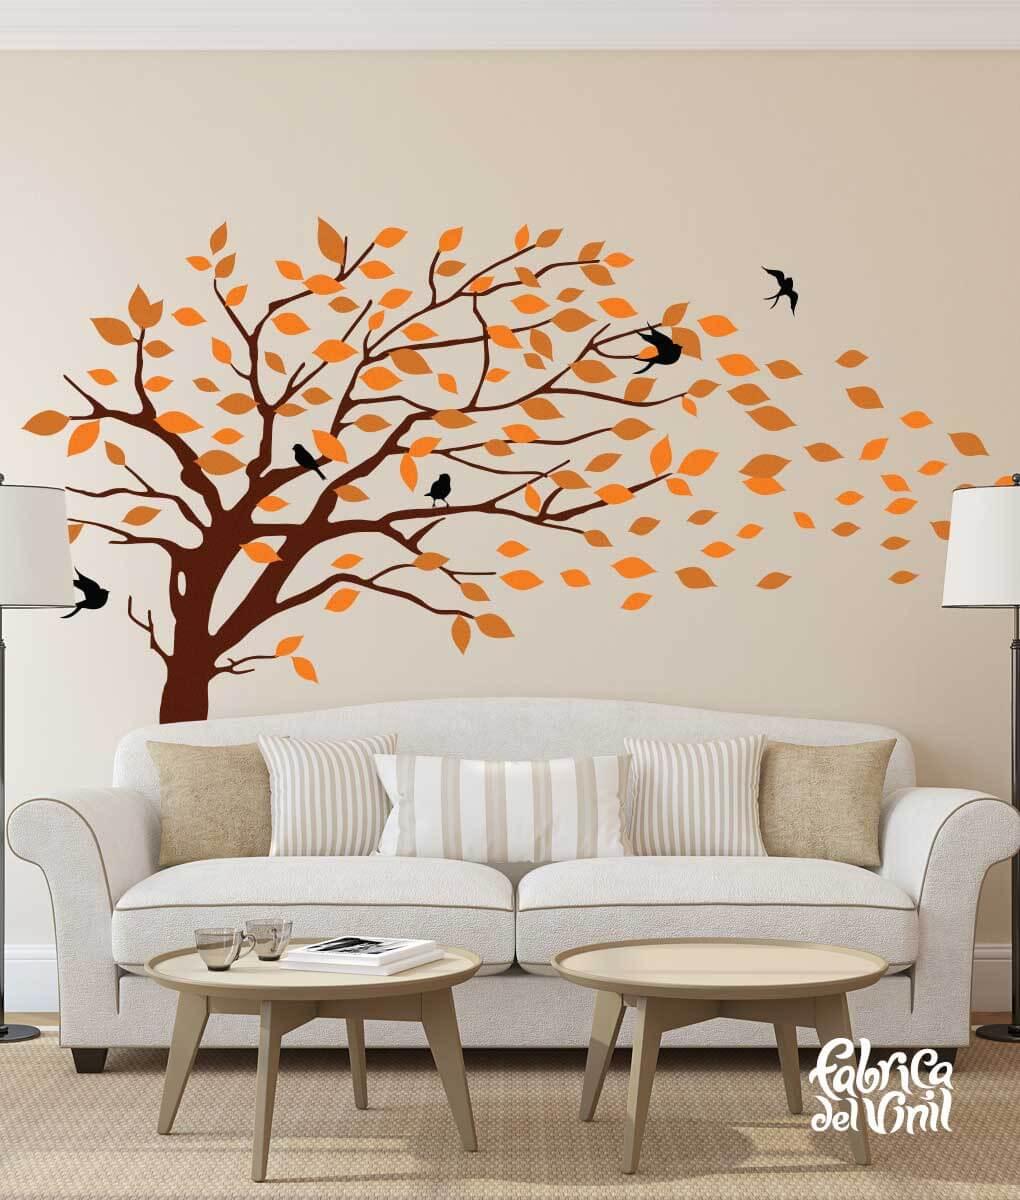 Rbol inclinado por el viento vinil decorativo wall - Fotos decorativas ...